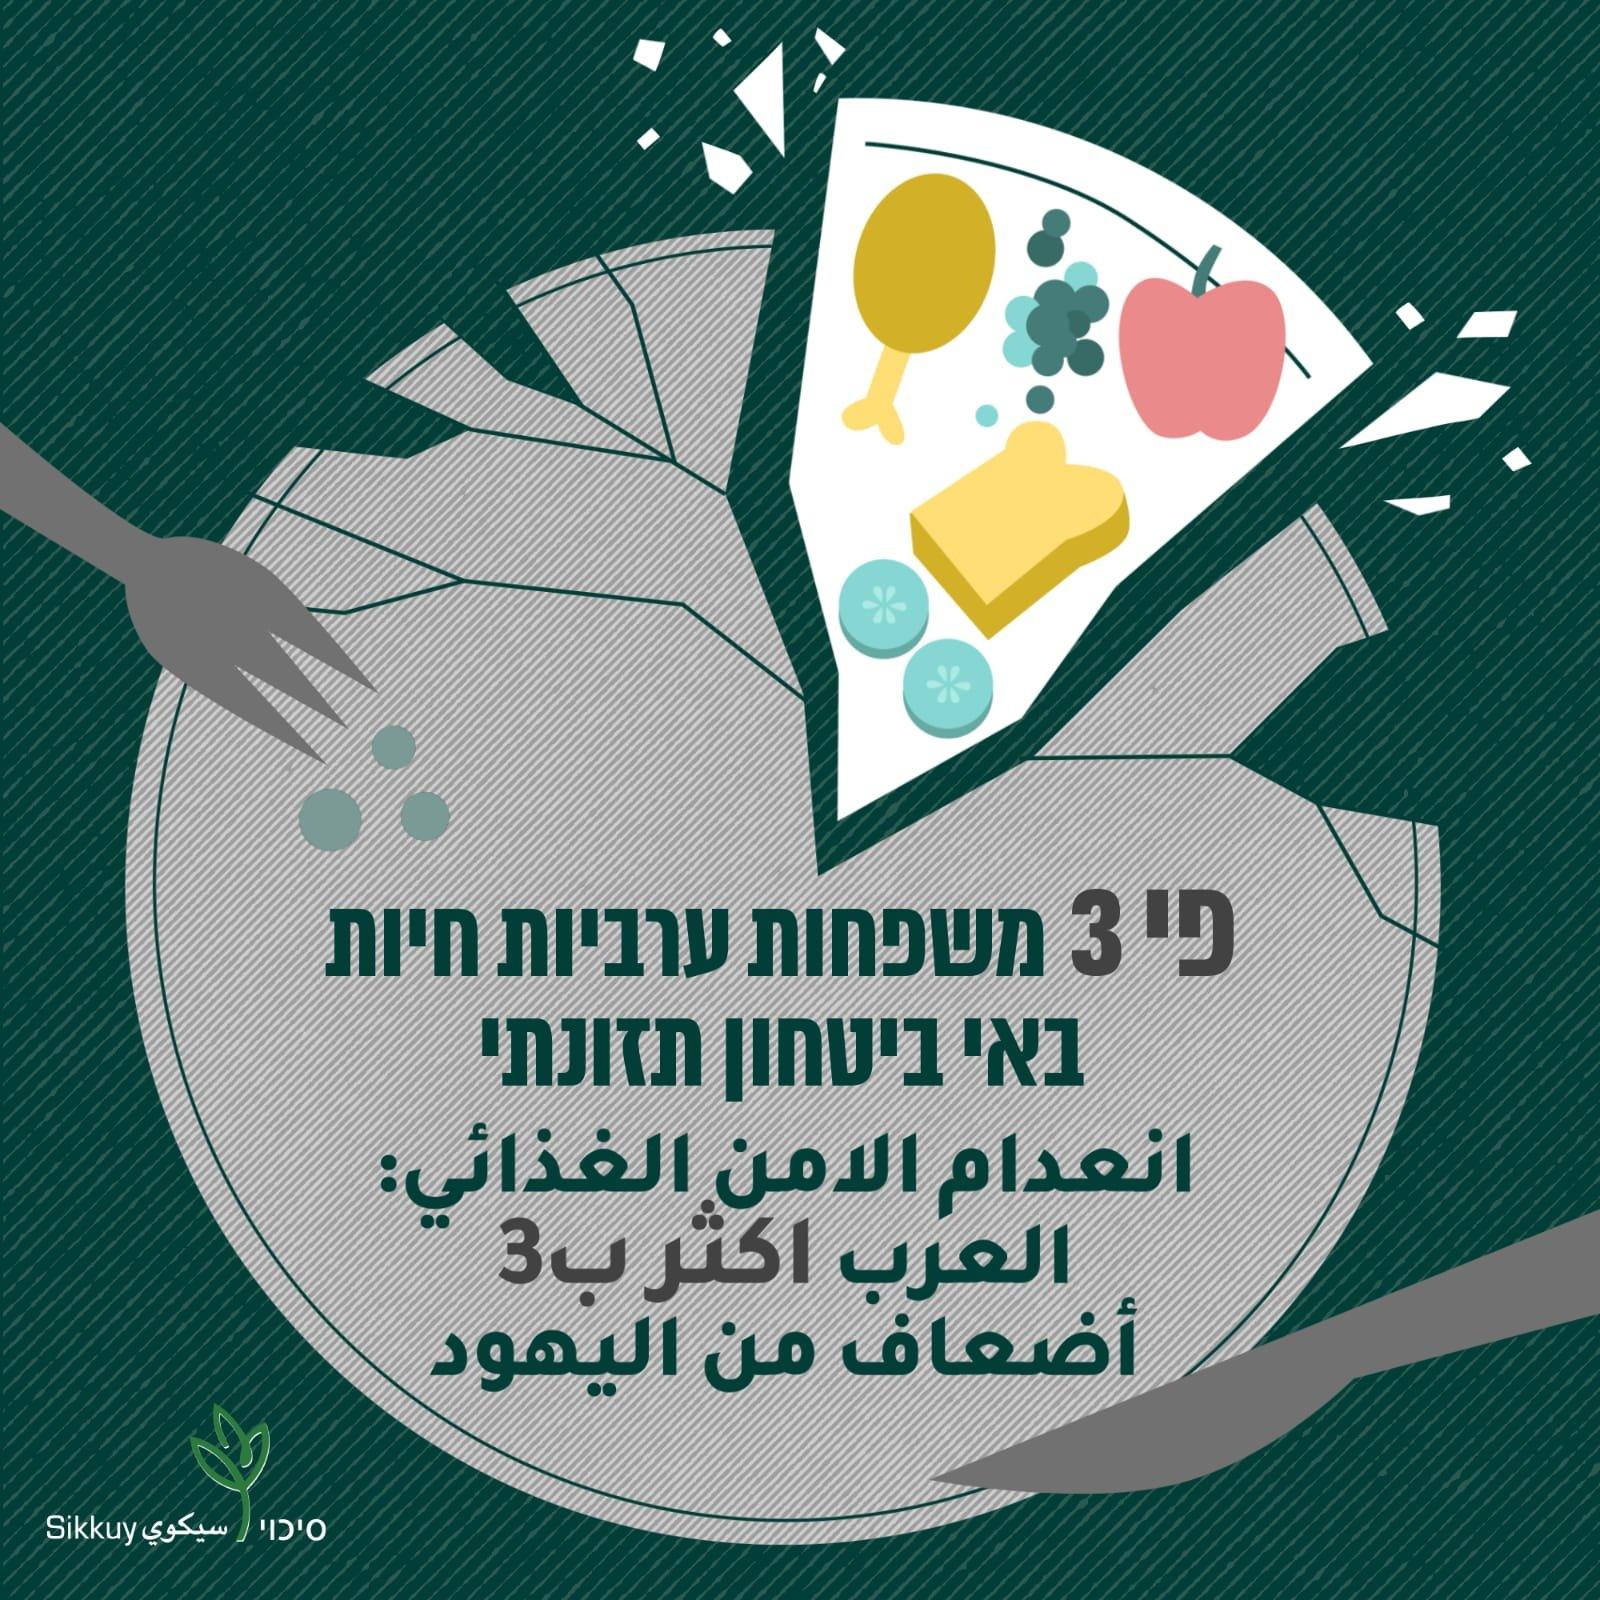 نصف الأطفال العرب وأكثر من 40% من العائلات العربية في البلاد، يعانون من انعدام أمن غذائي!-1